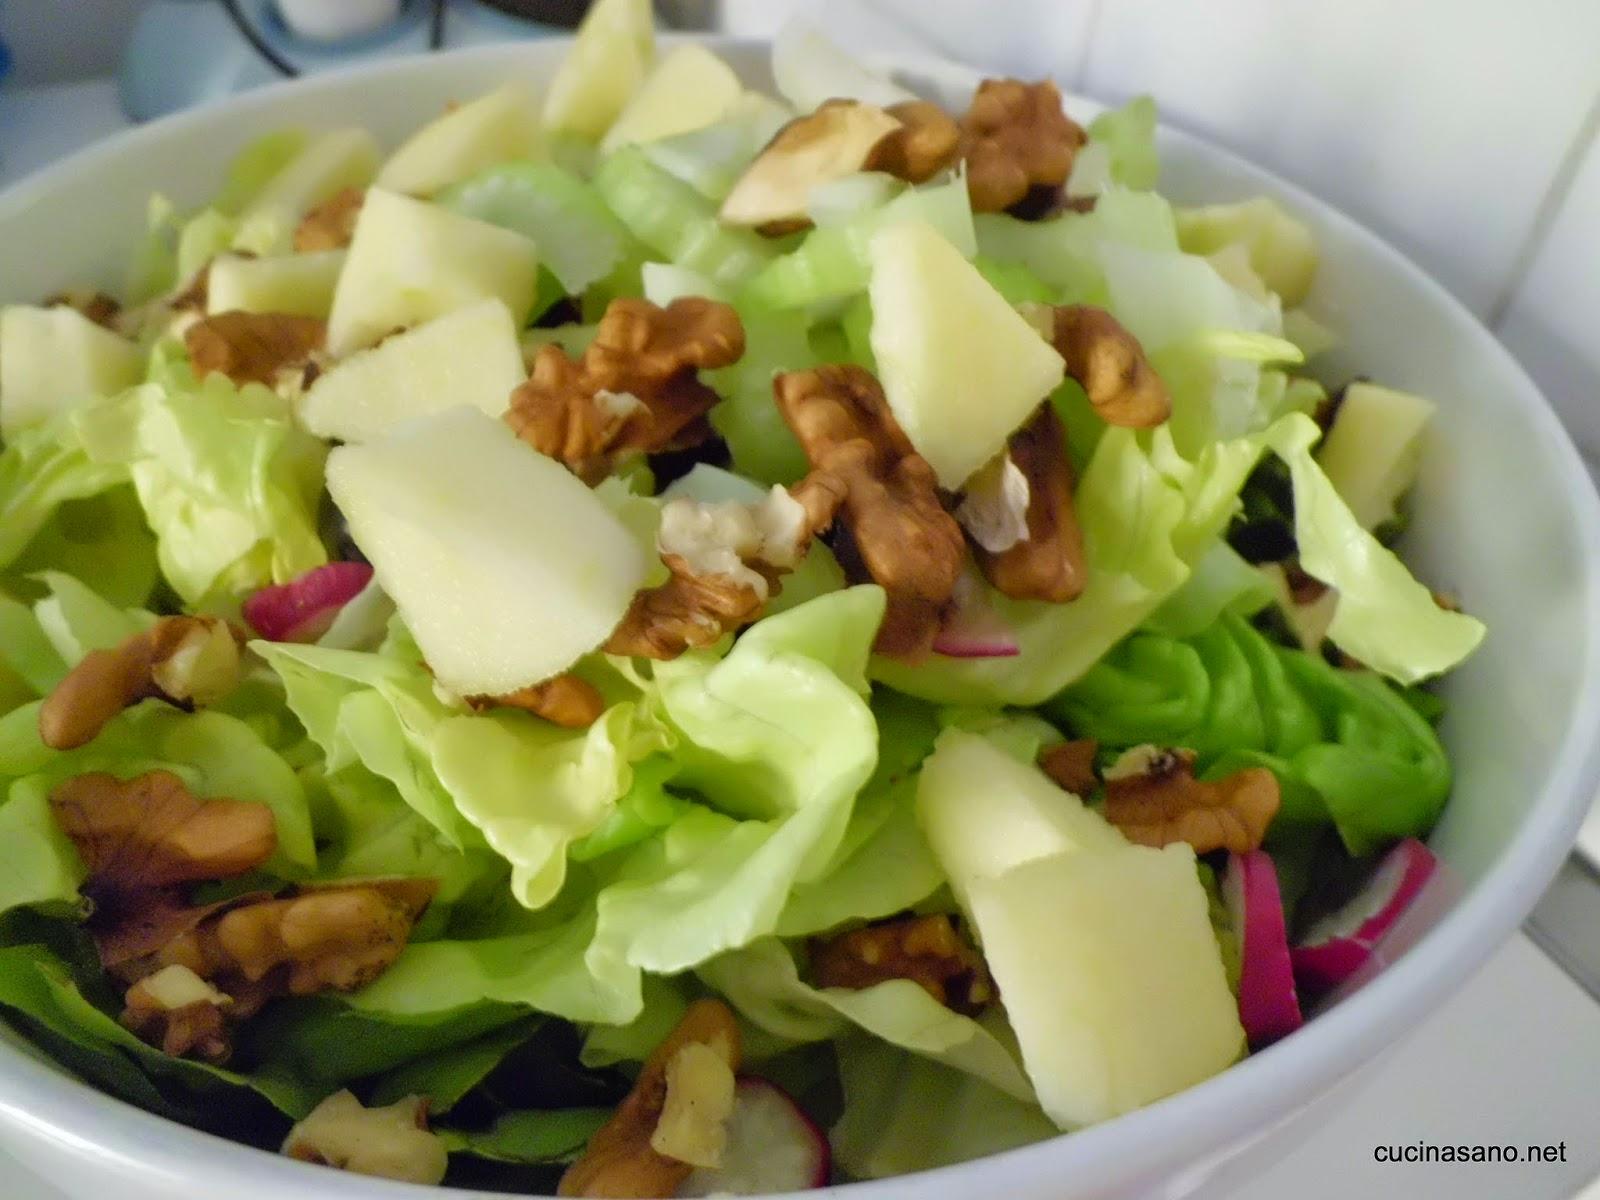 Ricette e salute insalata invernale mele e noci for Ricette insalate